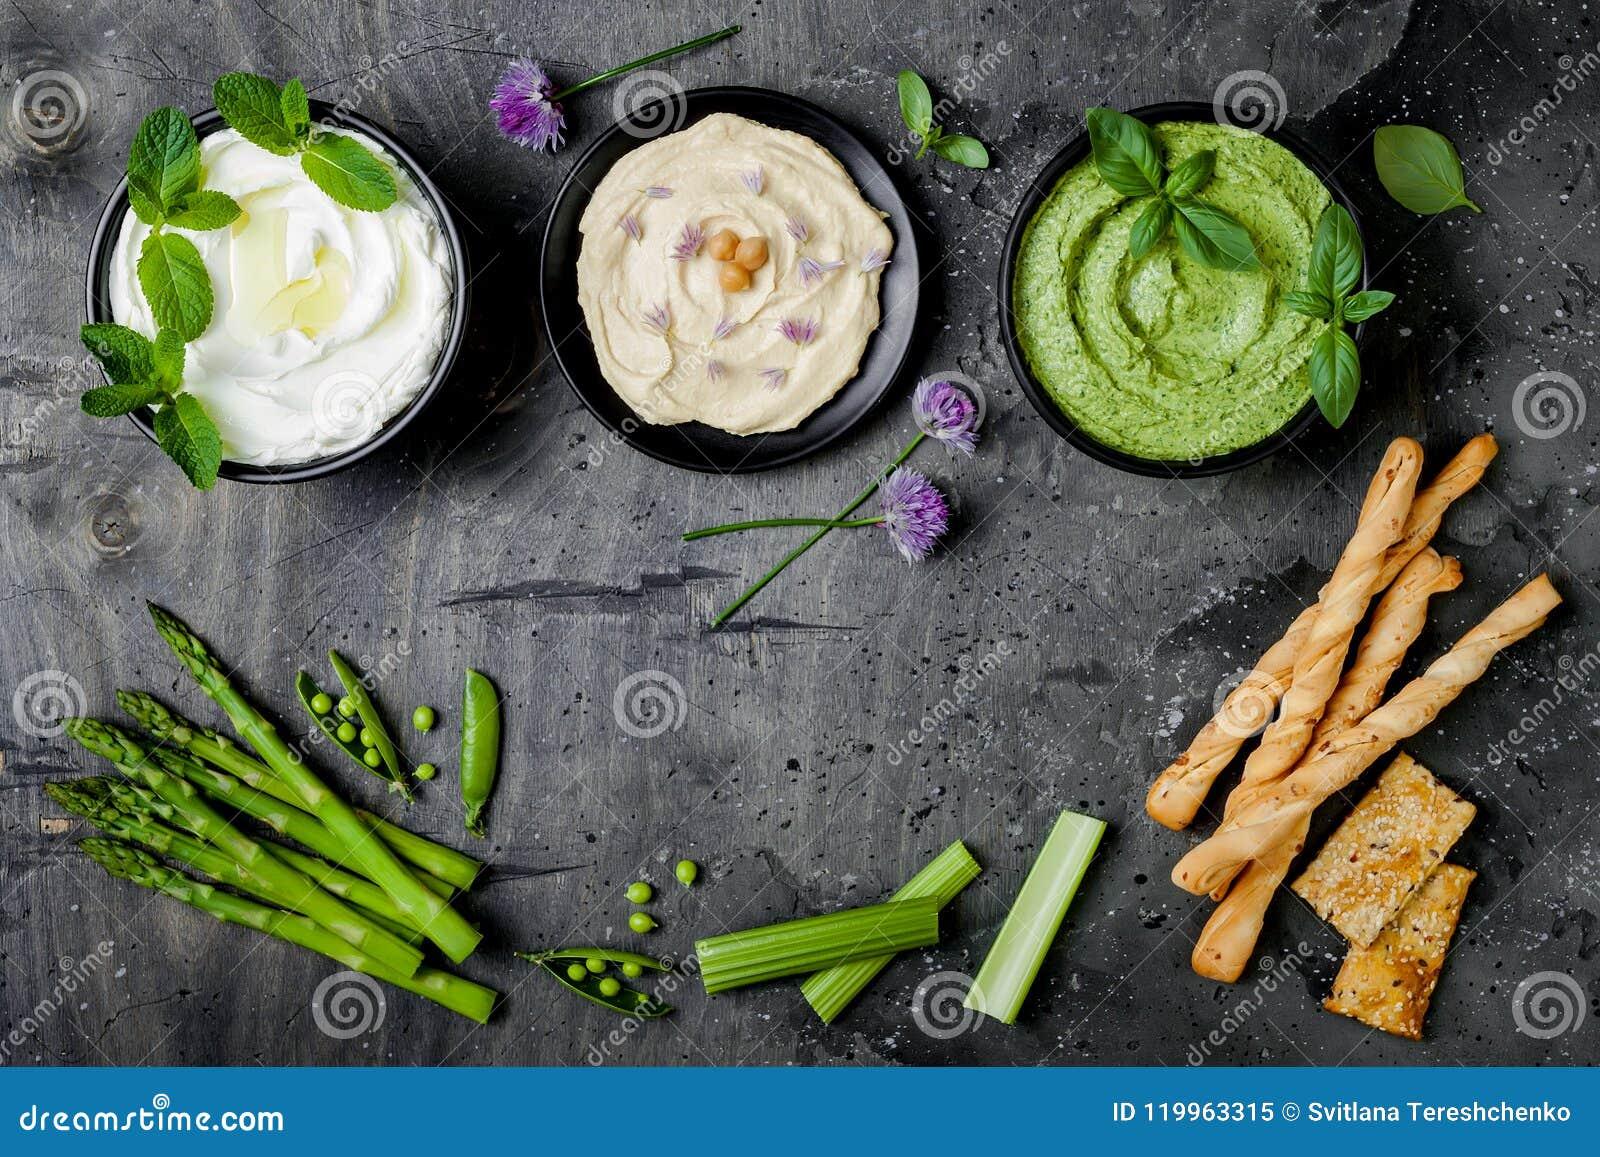 Placa crua do petisco dos vegetais verdes com vários mergulhos Molho do iogurte ou labneh, hummus, hummus da erva ou pesto com bi